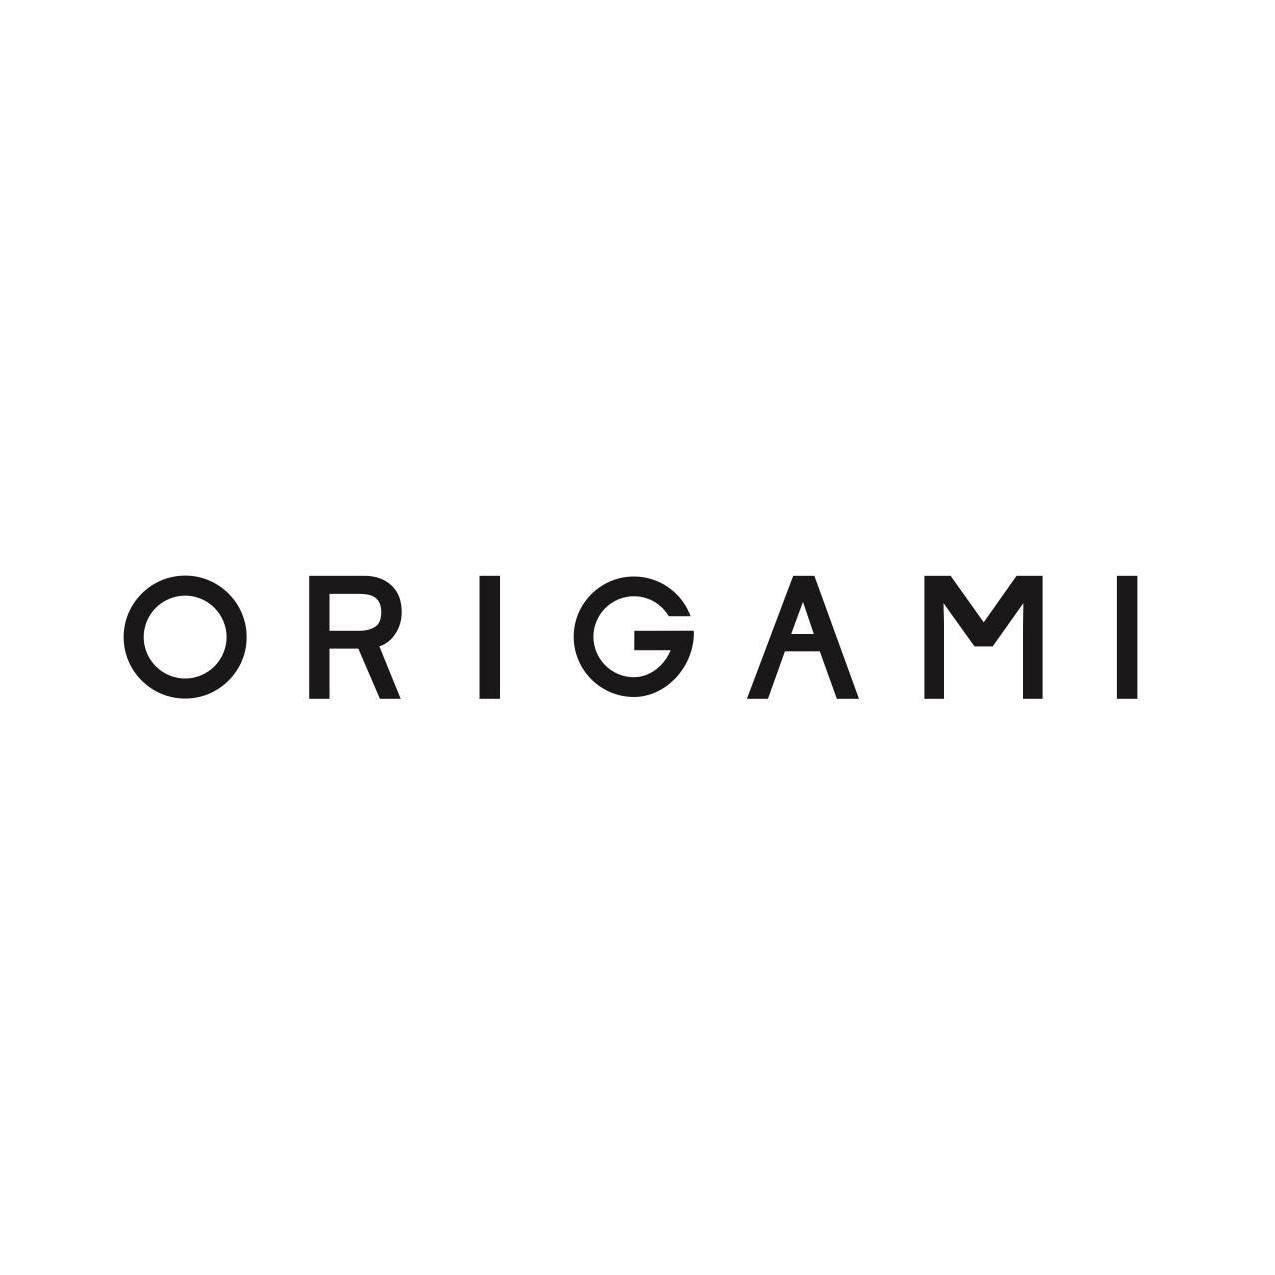 オリガミ(ORIGAMI) ドリッパー フレーバーカップ